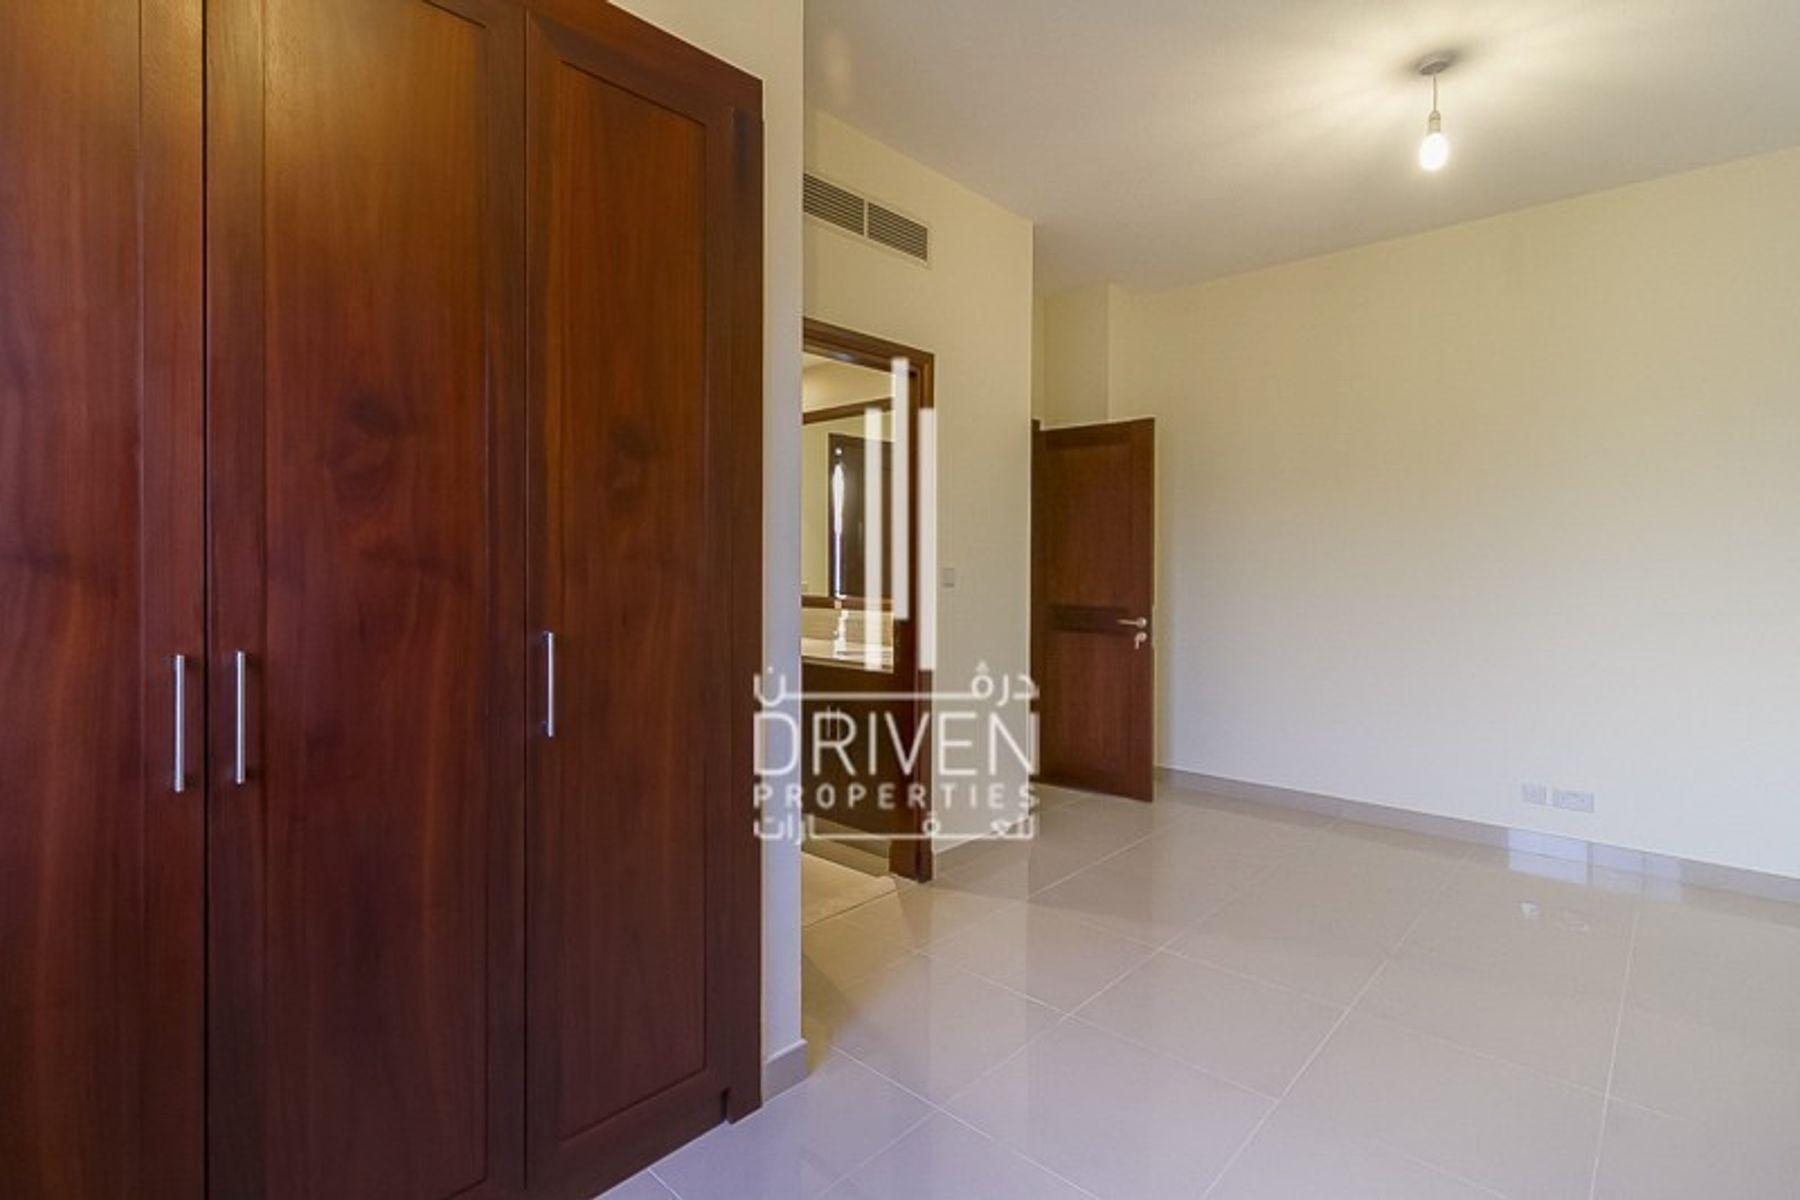 Villa for Rent in Samara - Arabian Ranches 2